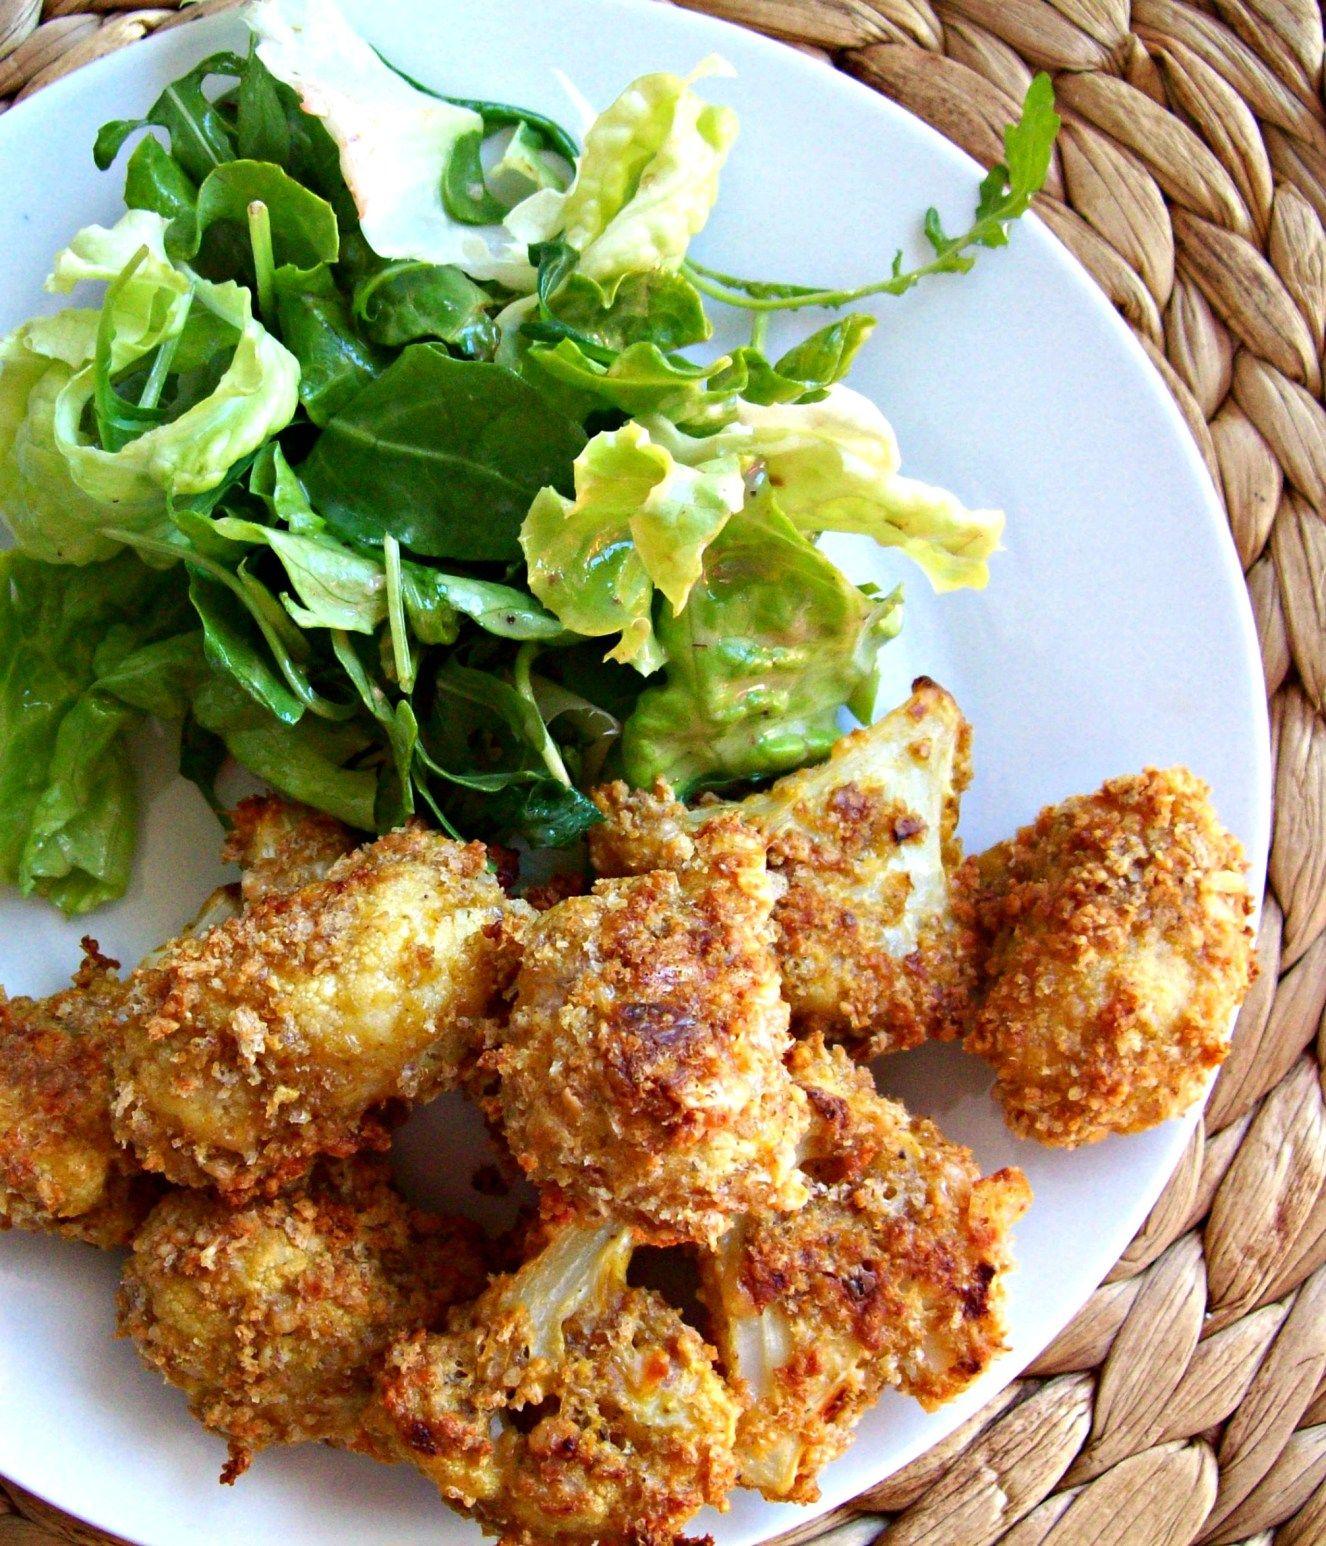 Beignet De Brocolis Au Four chou fleur croustillant au parmesan (cuisson au four) – un